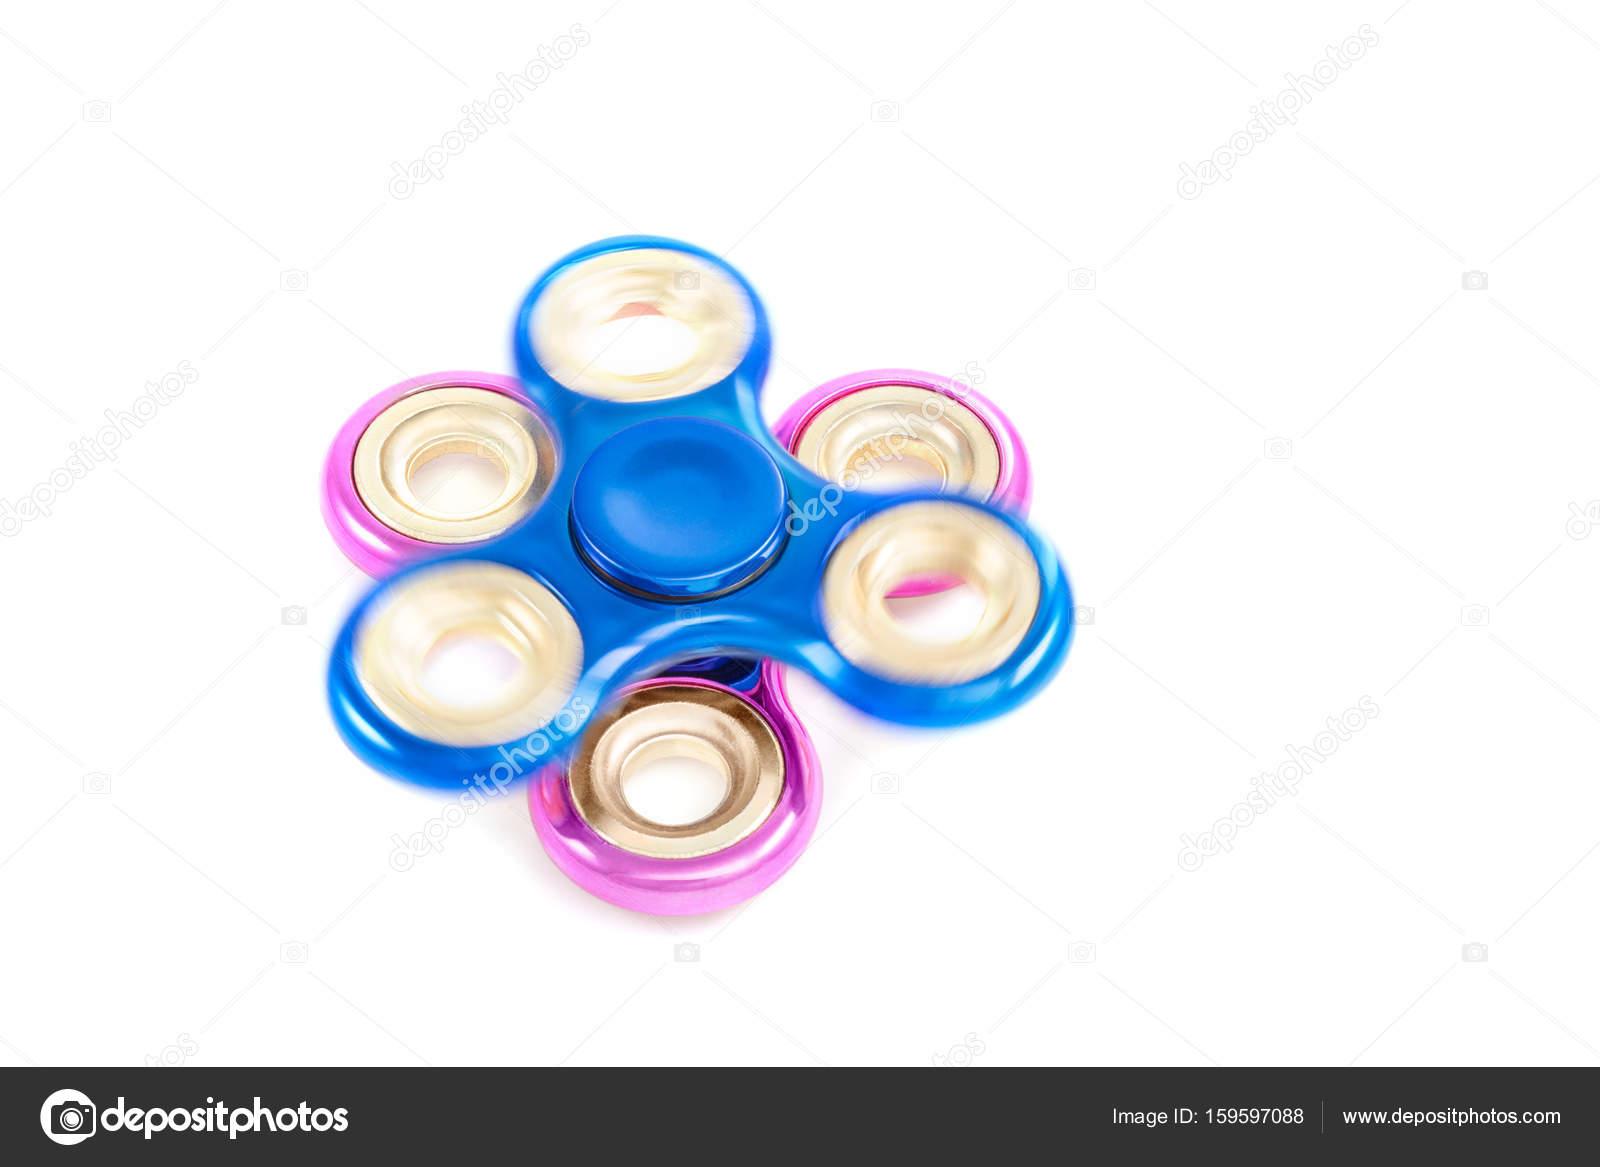 Blaue Spinnen Spinner auf festen rosa — Stockfoto © GrashAlex #159597088